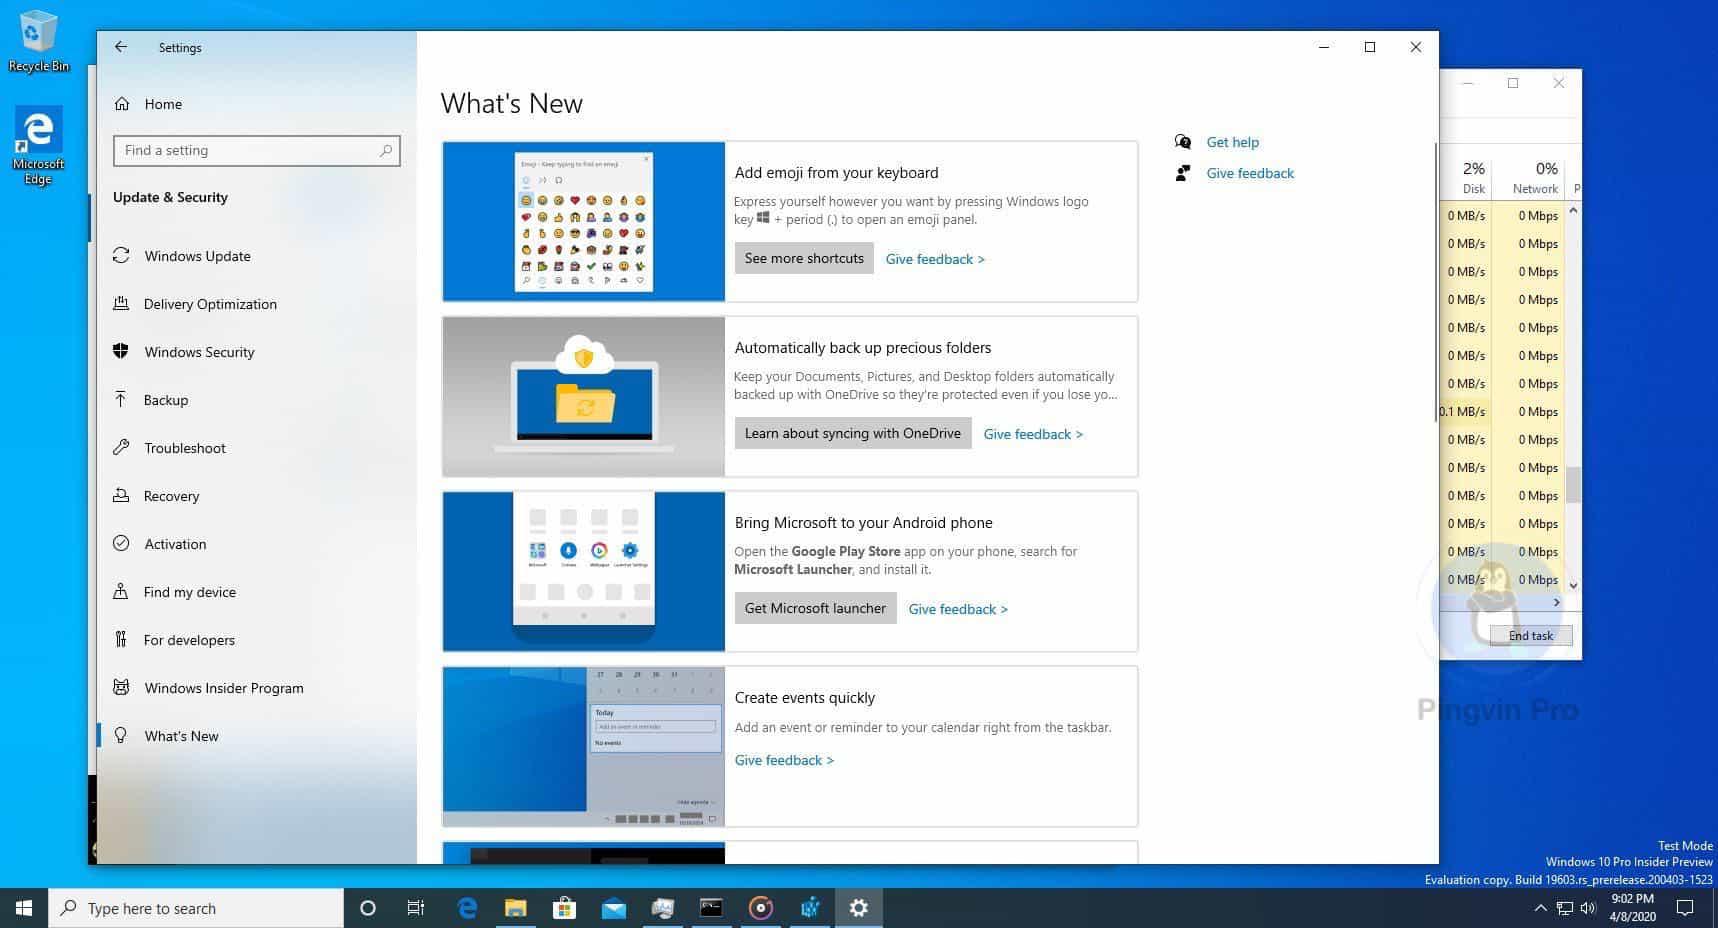 Microsoft додасть розділ «Що нового» в налаштування Windows 10